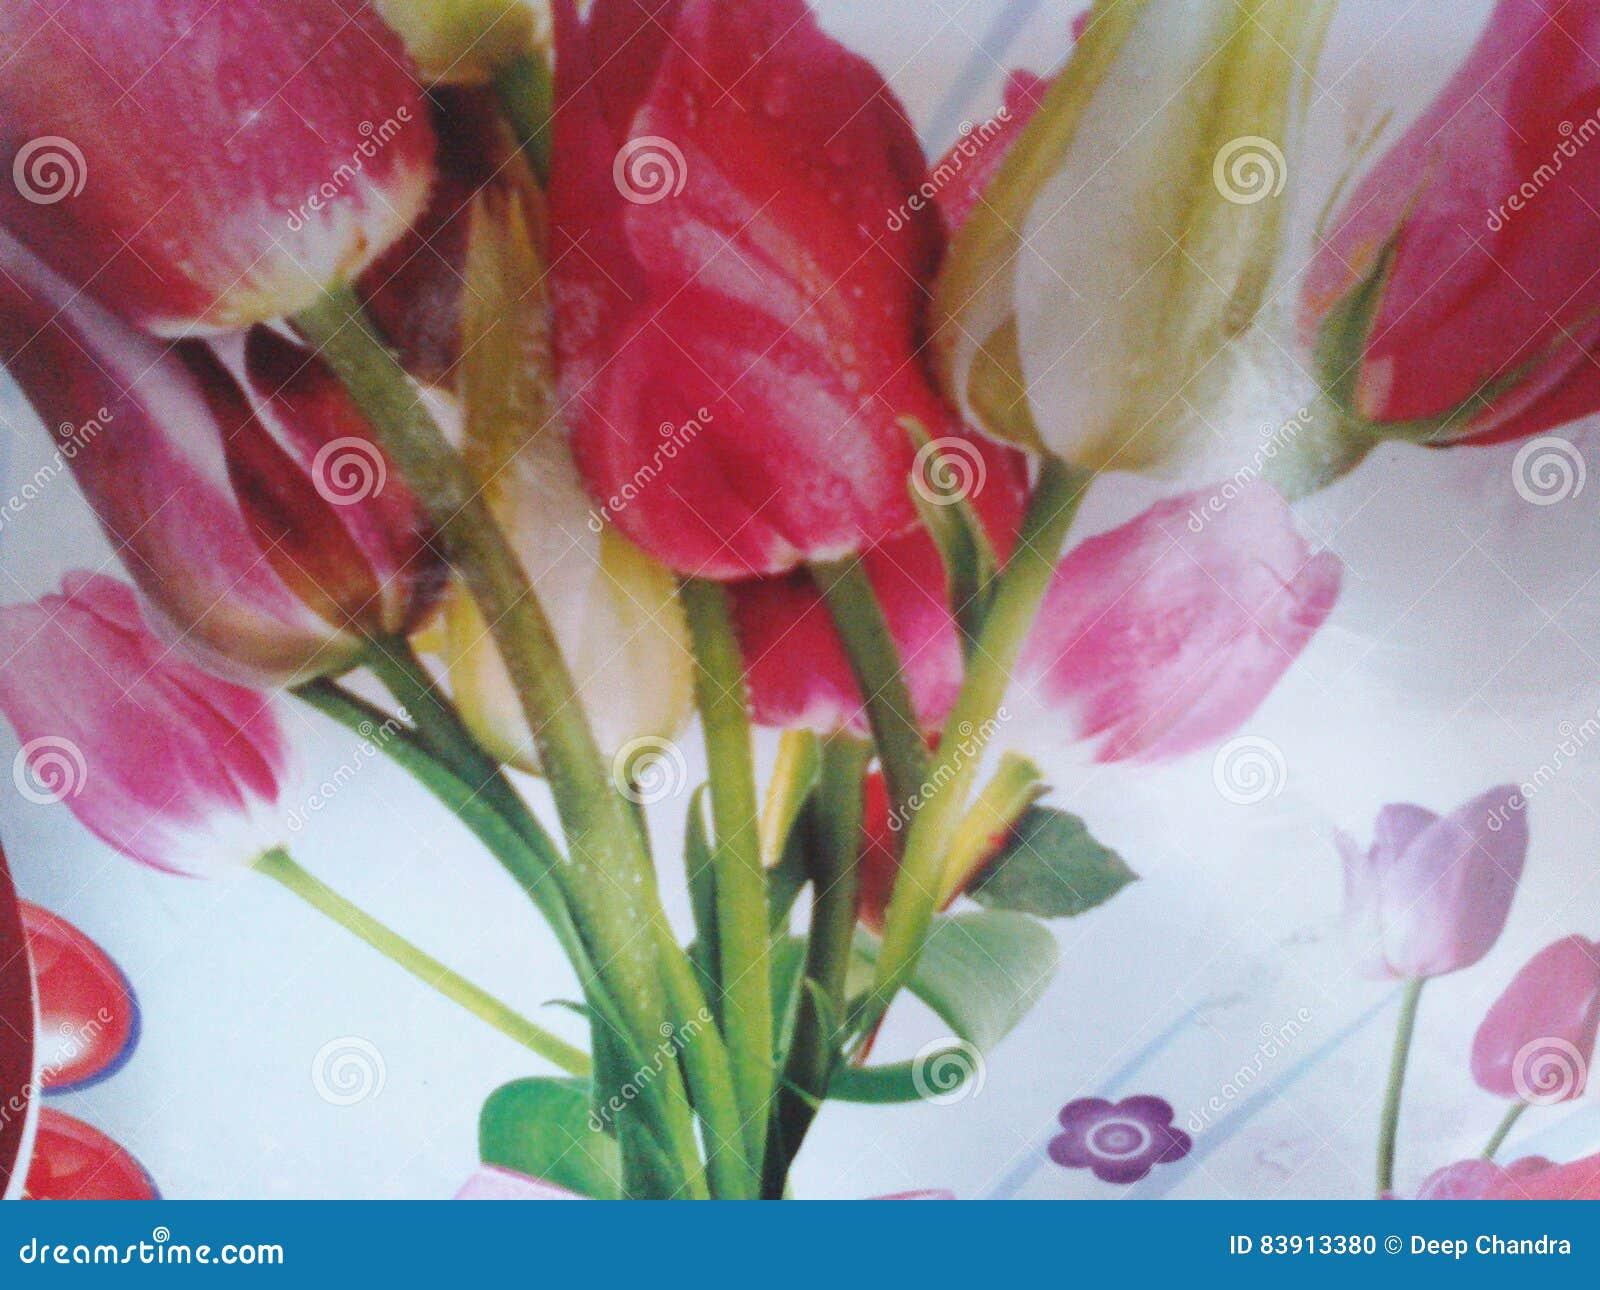 Flores preciosas lindas rosas bonitas para perfil imgenes bonitas de flores hermosas para - Fotos de ramos de flores preciosas ...